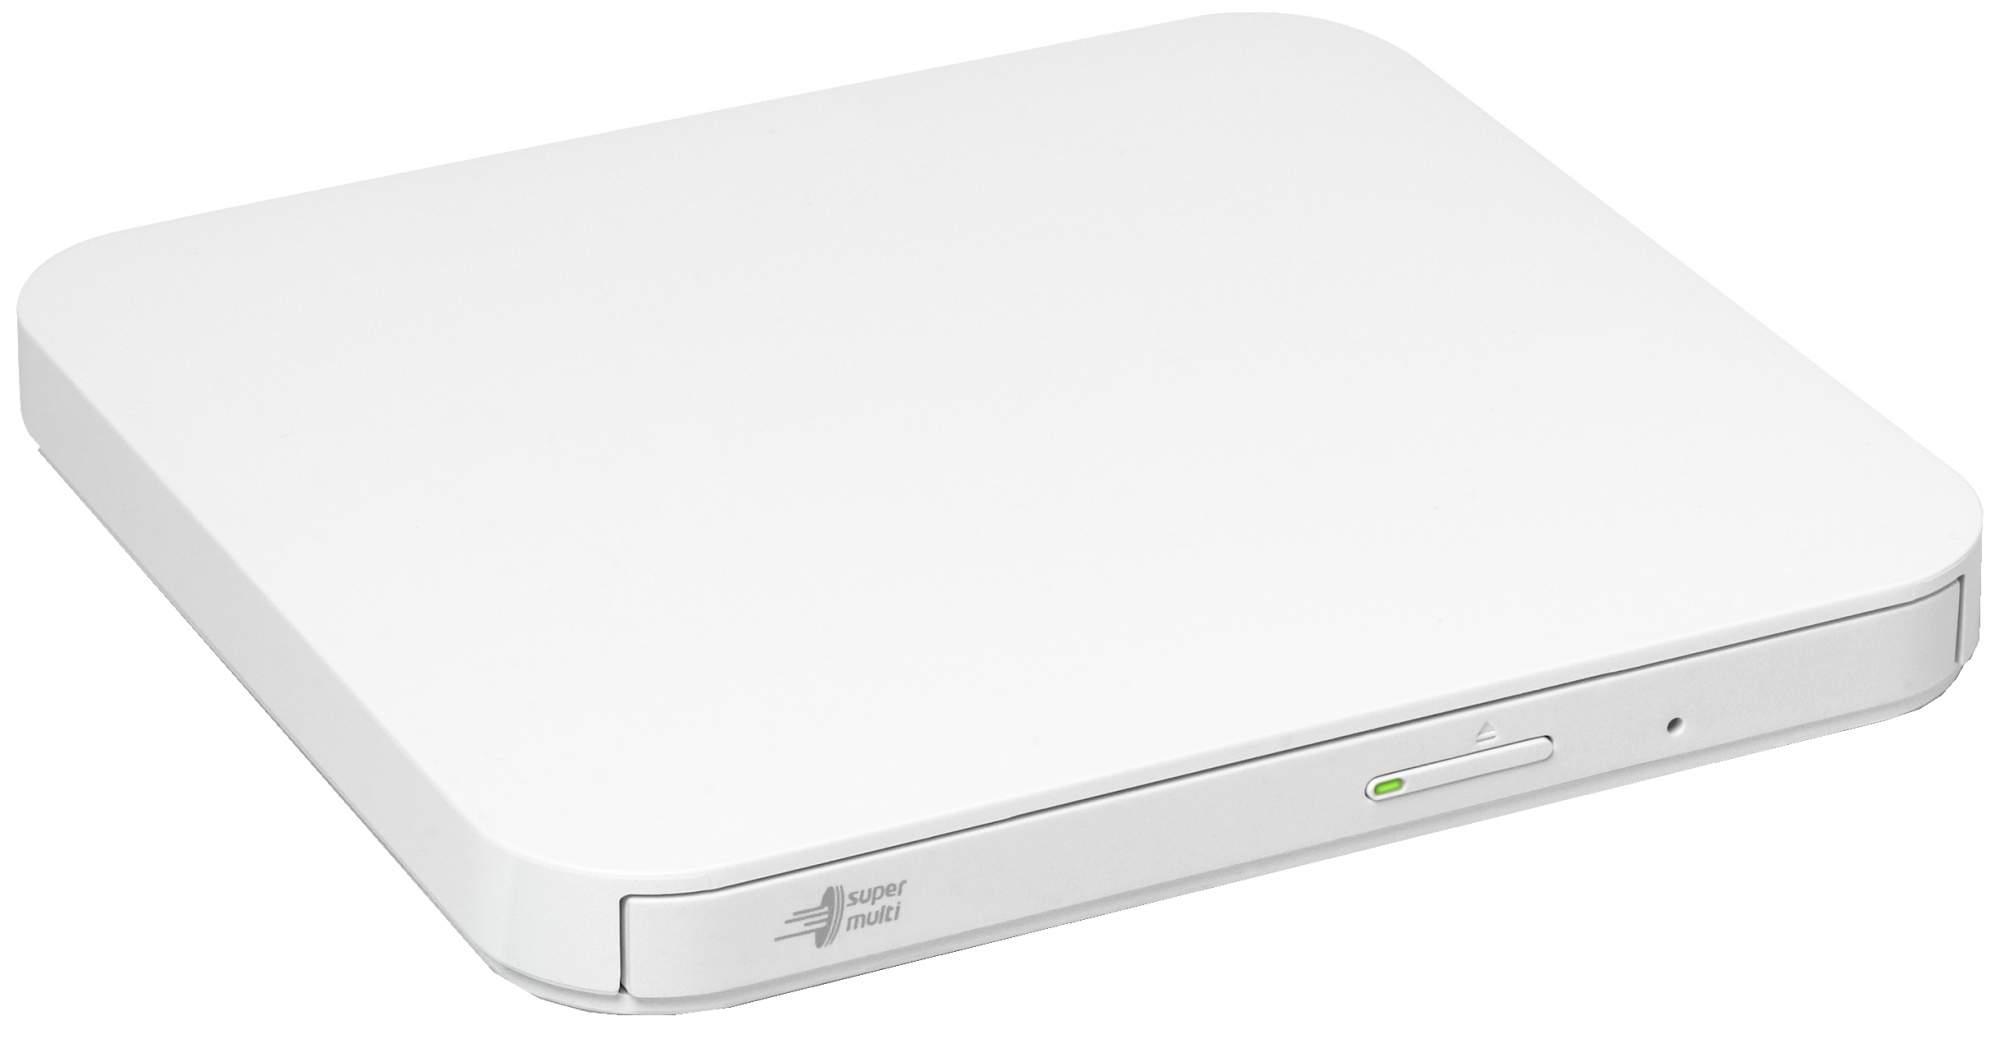 Привод LG GP90NW70 White